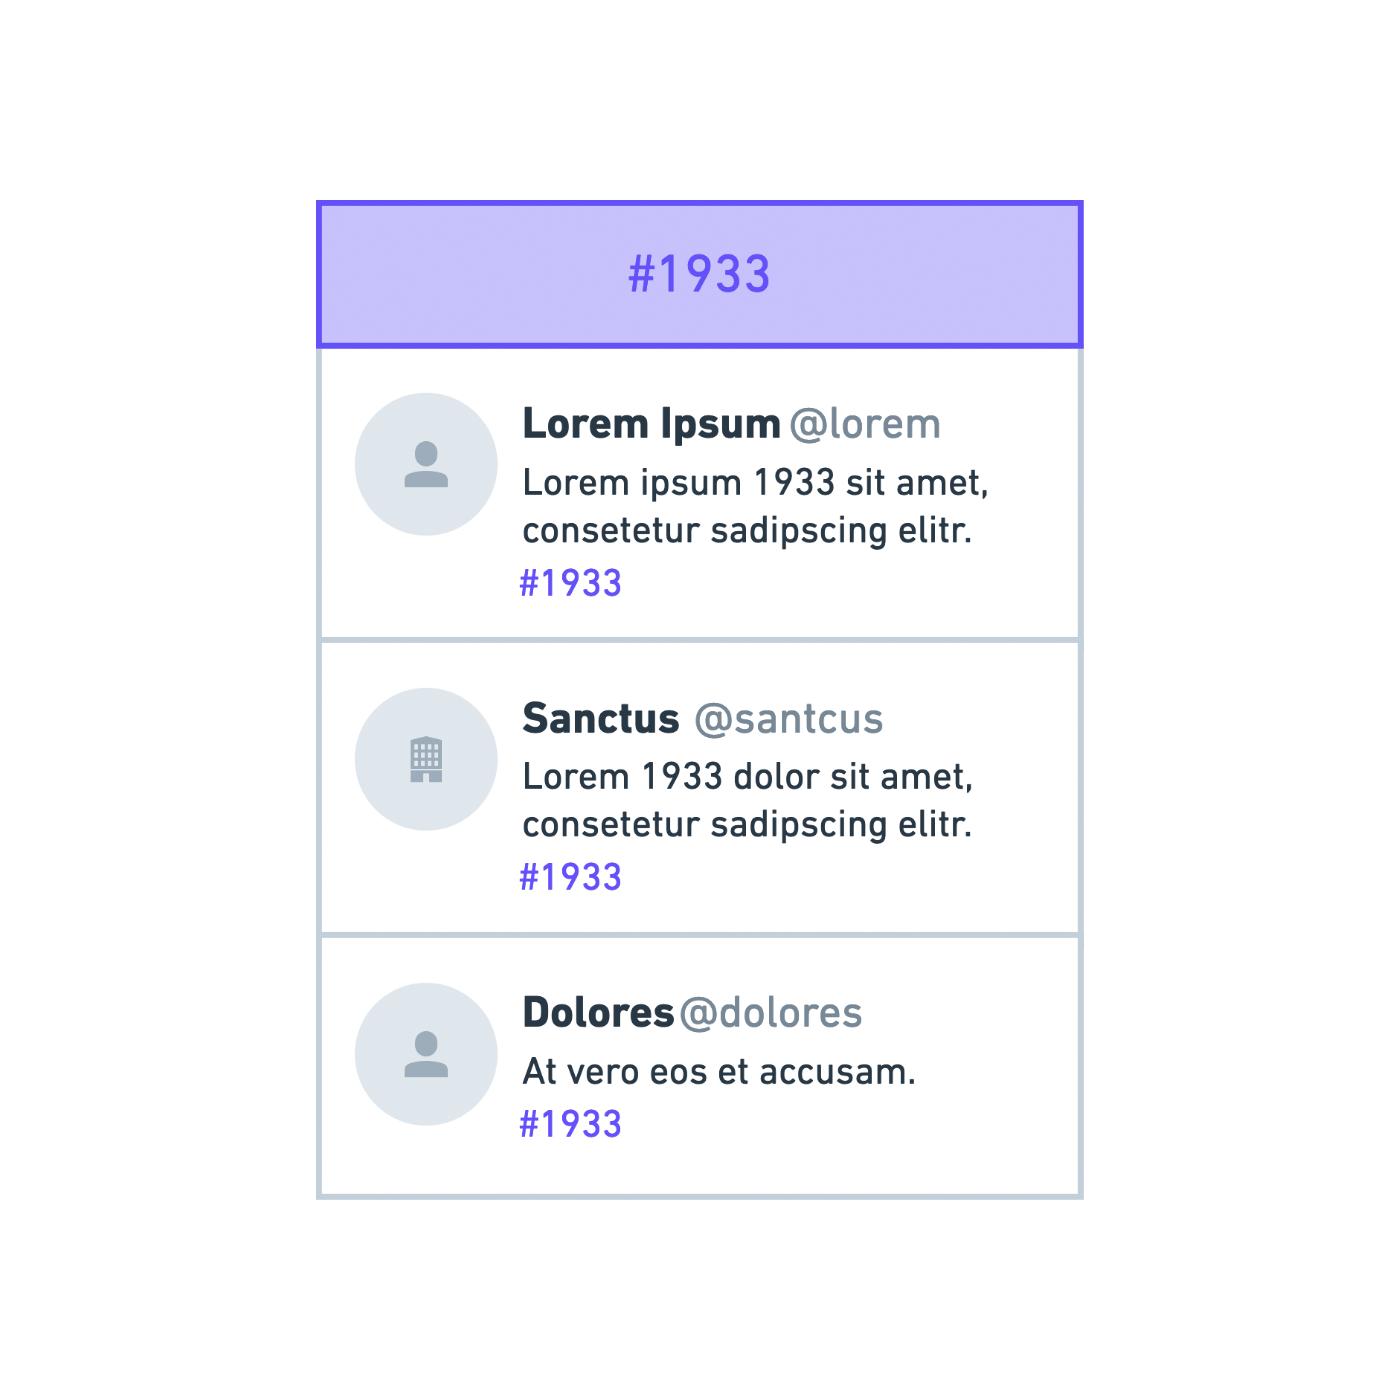 TWEETS ZU EINEM THEMA - (kombinirte Stories zu einem Hashtag)